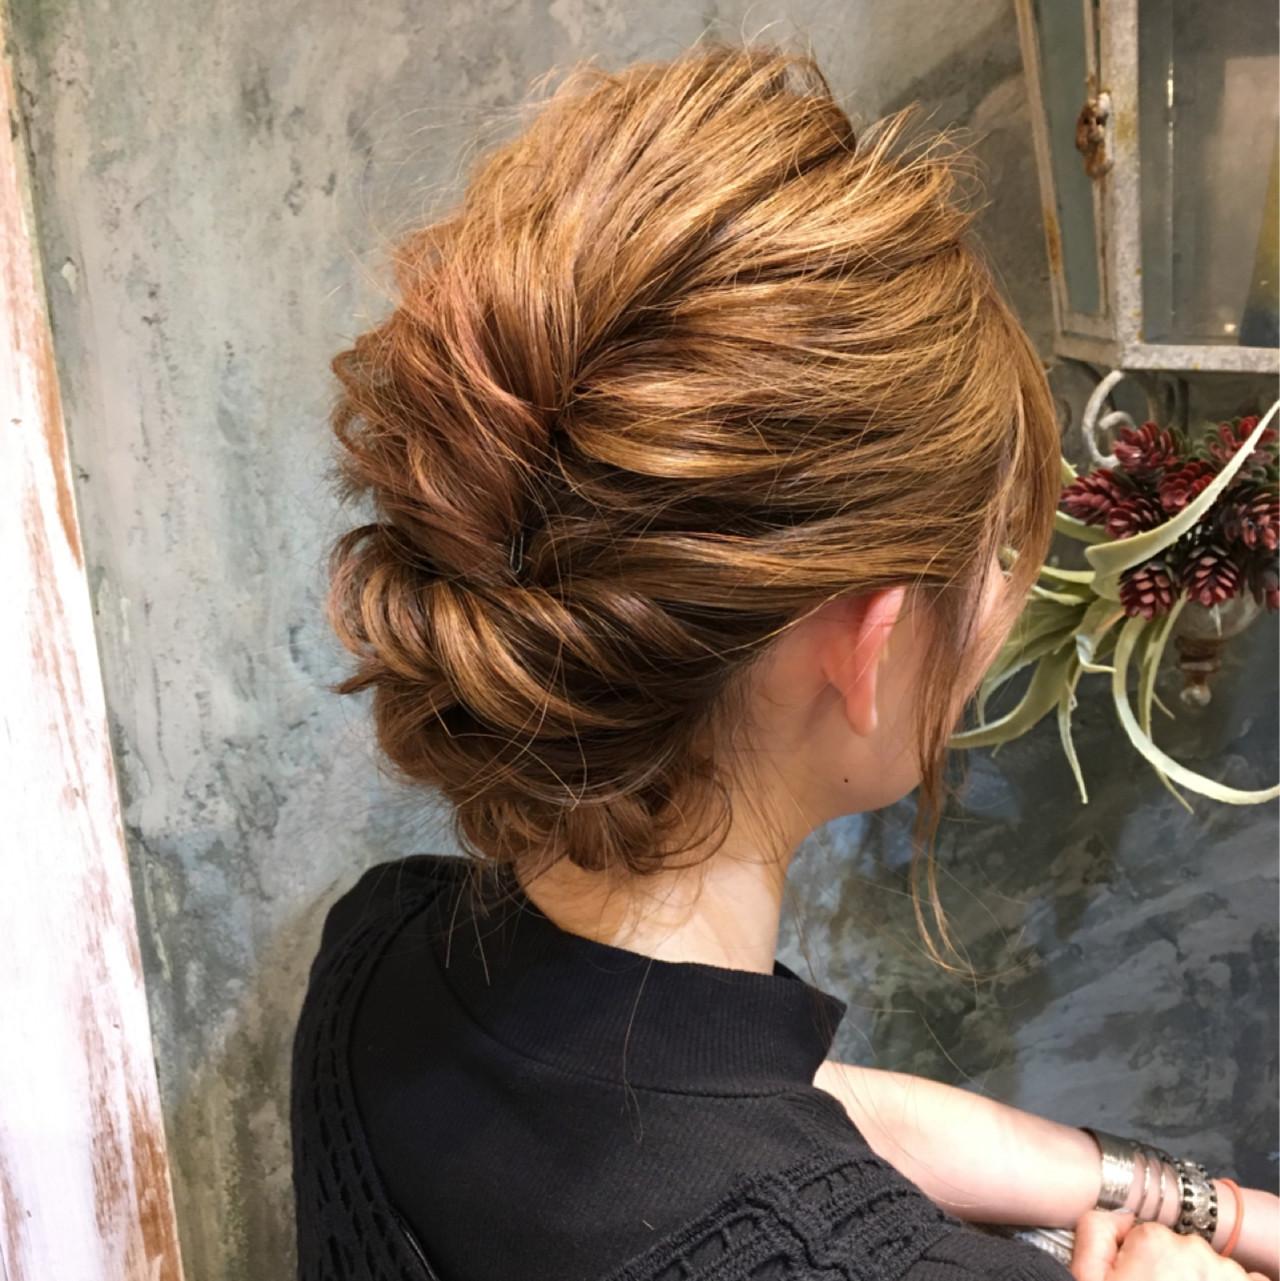 ショート パーマ 簡単ヘアアレンジ ヘアアレンジ ヘアスタイルや髪型の写真・画像